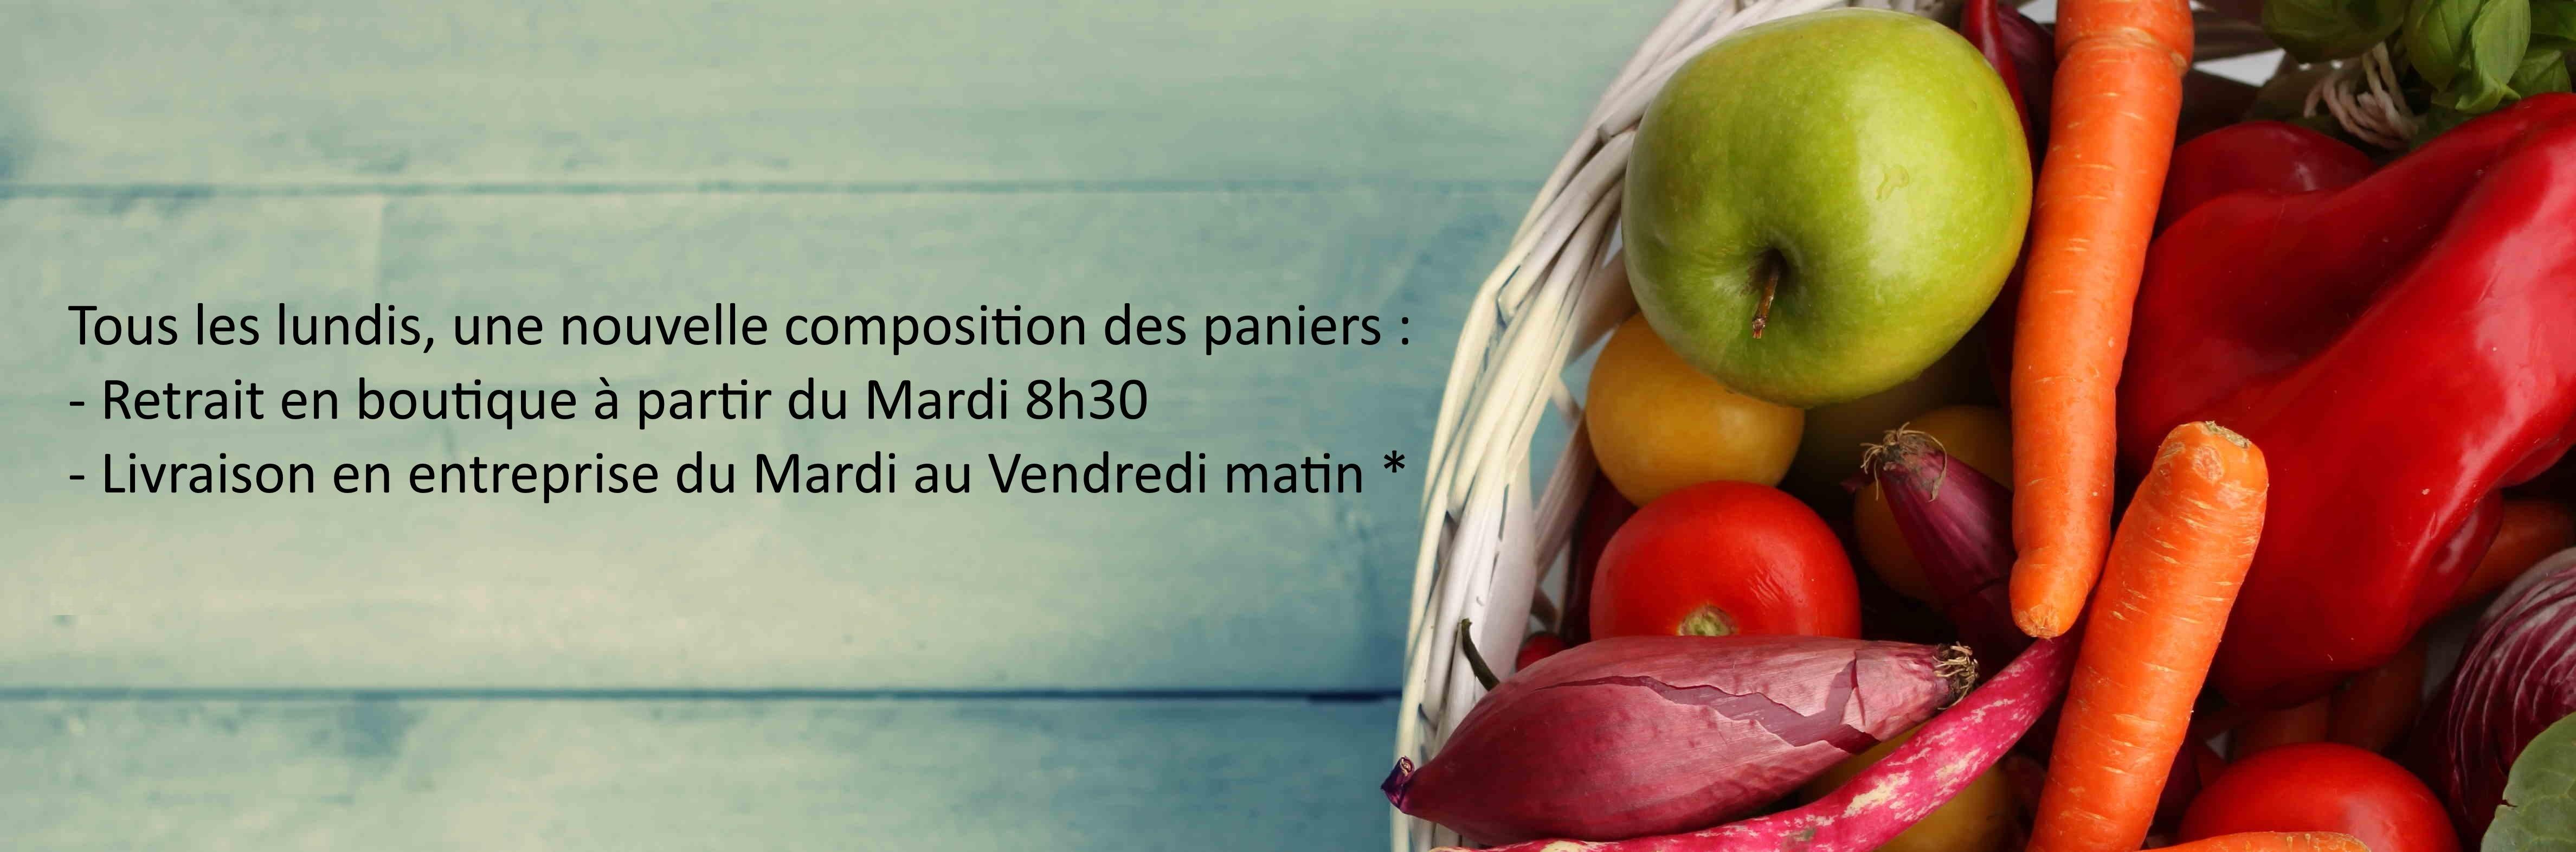 Tous les lundis, la composition des Paniers est Mise à Jour. Livraison en entreprise du Mardi au Vendredi dans la matinée. *